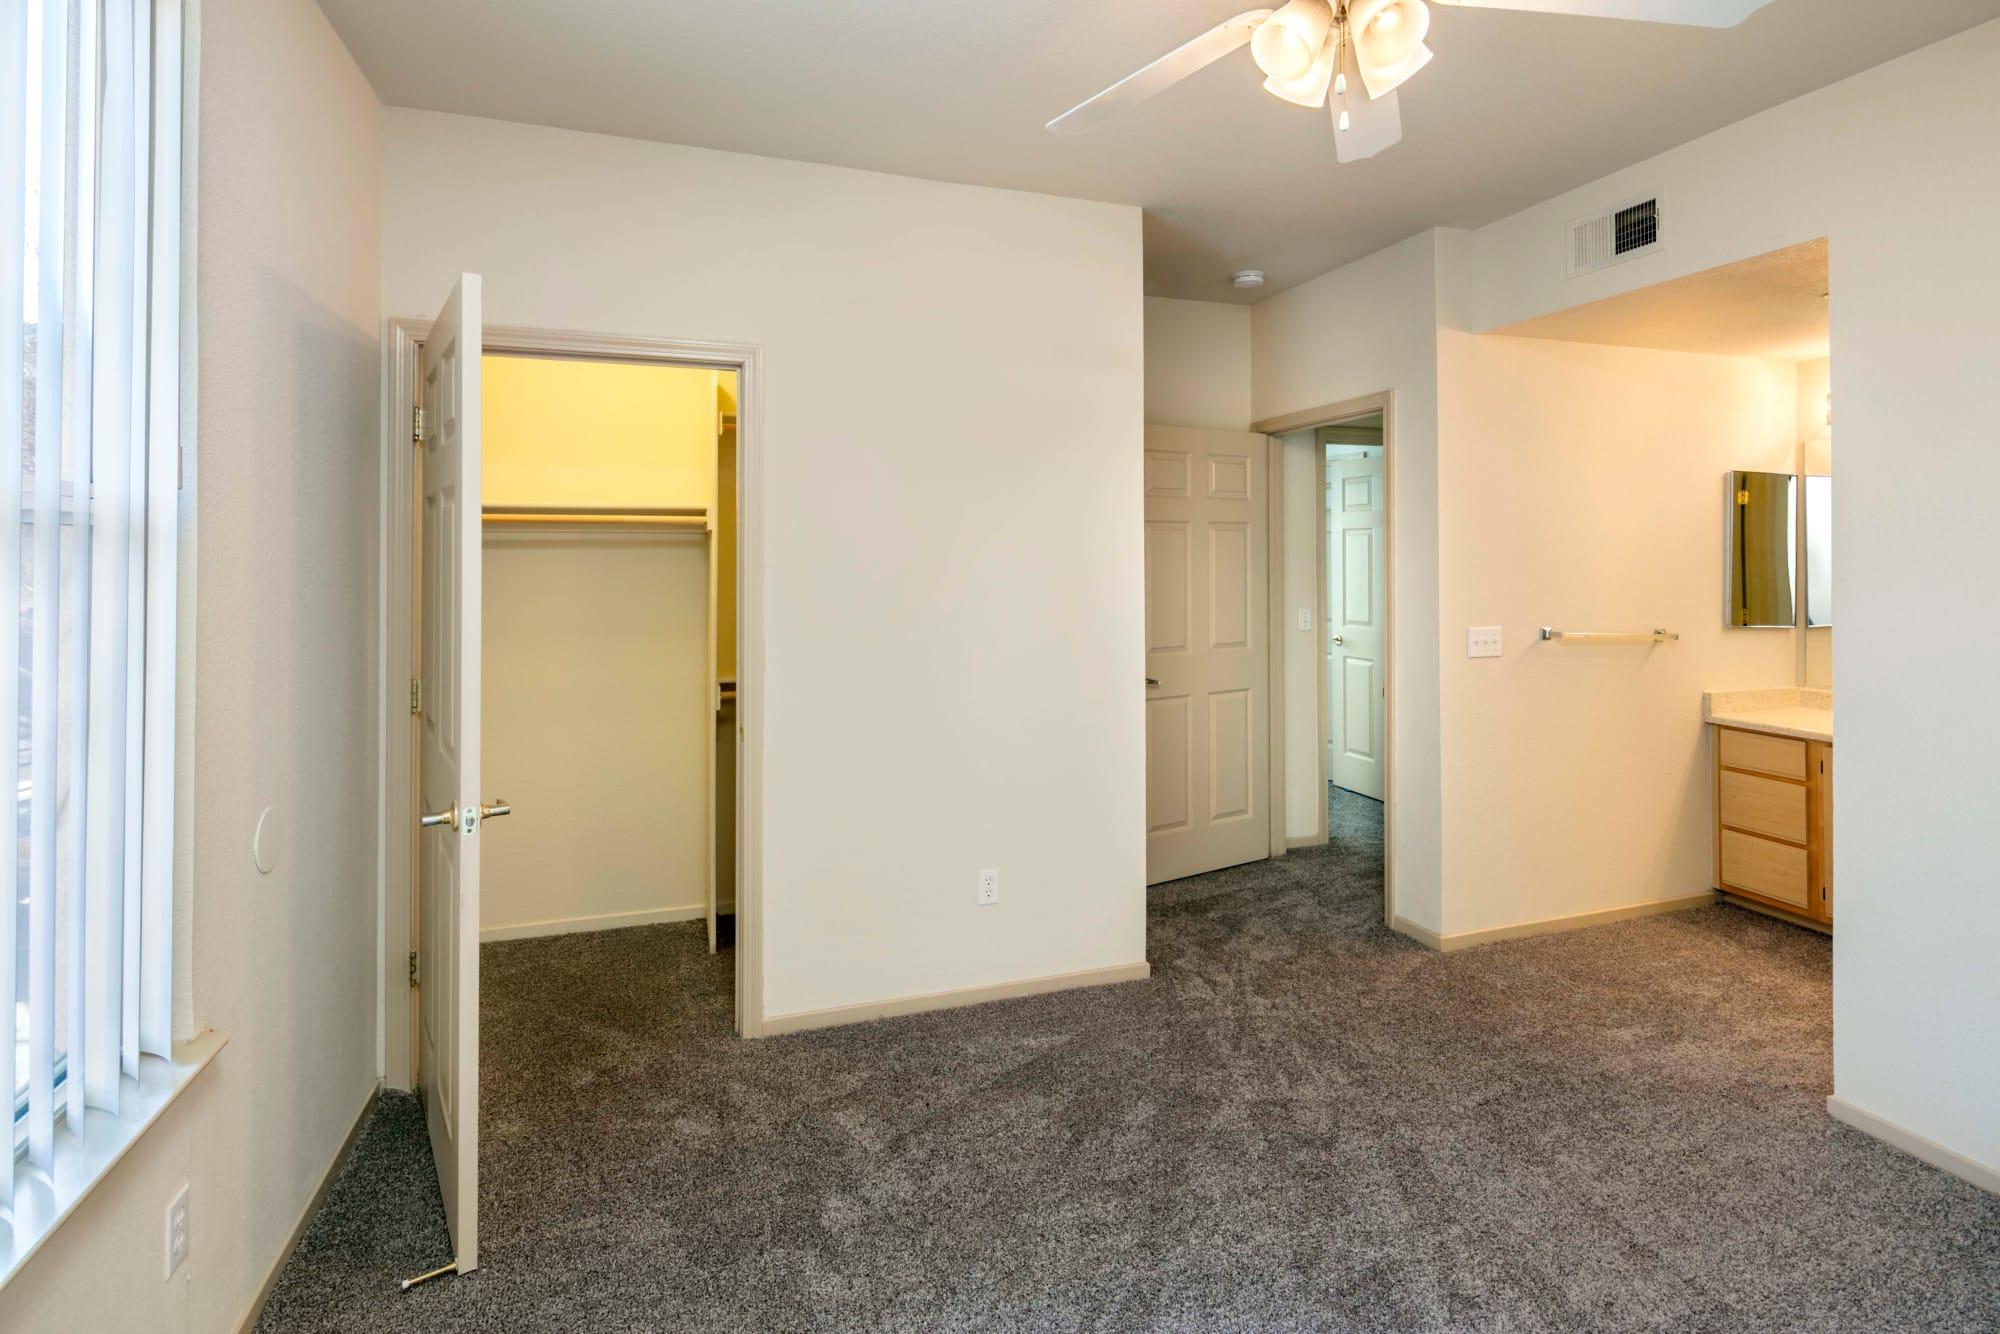 A bedroom at Natomas Park Apartments in Sacramento, California